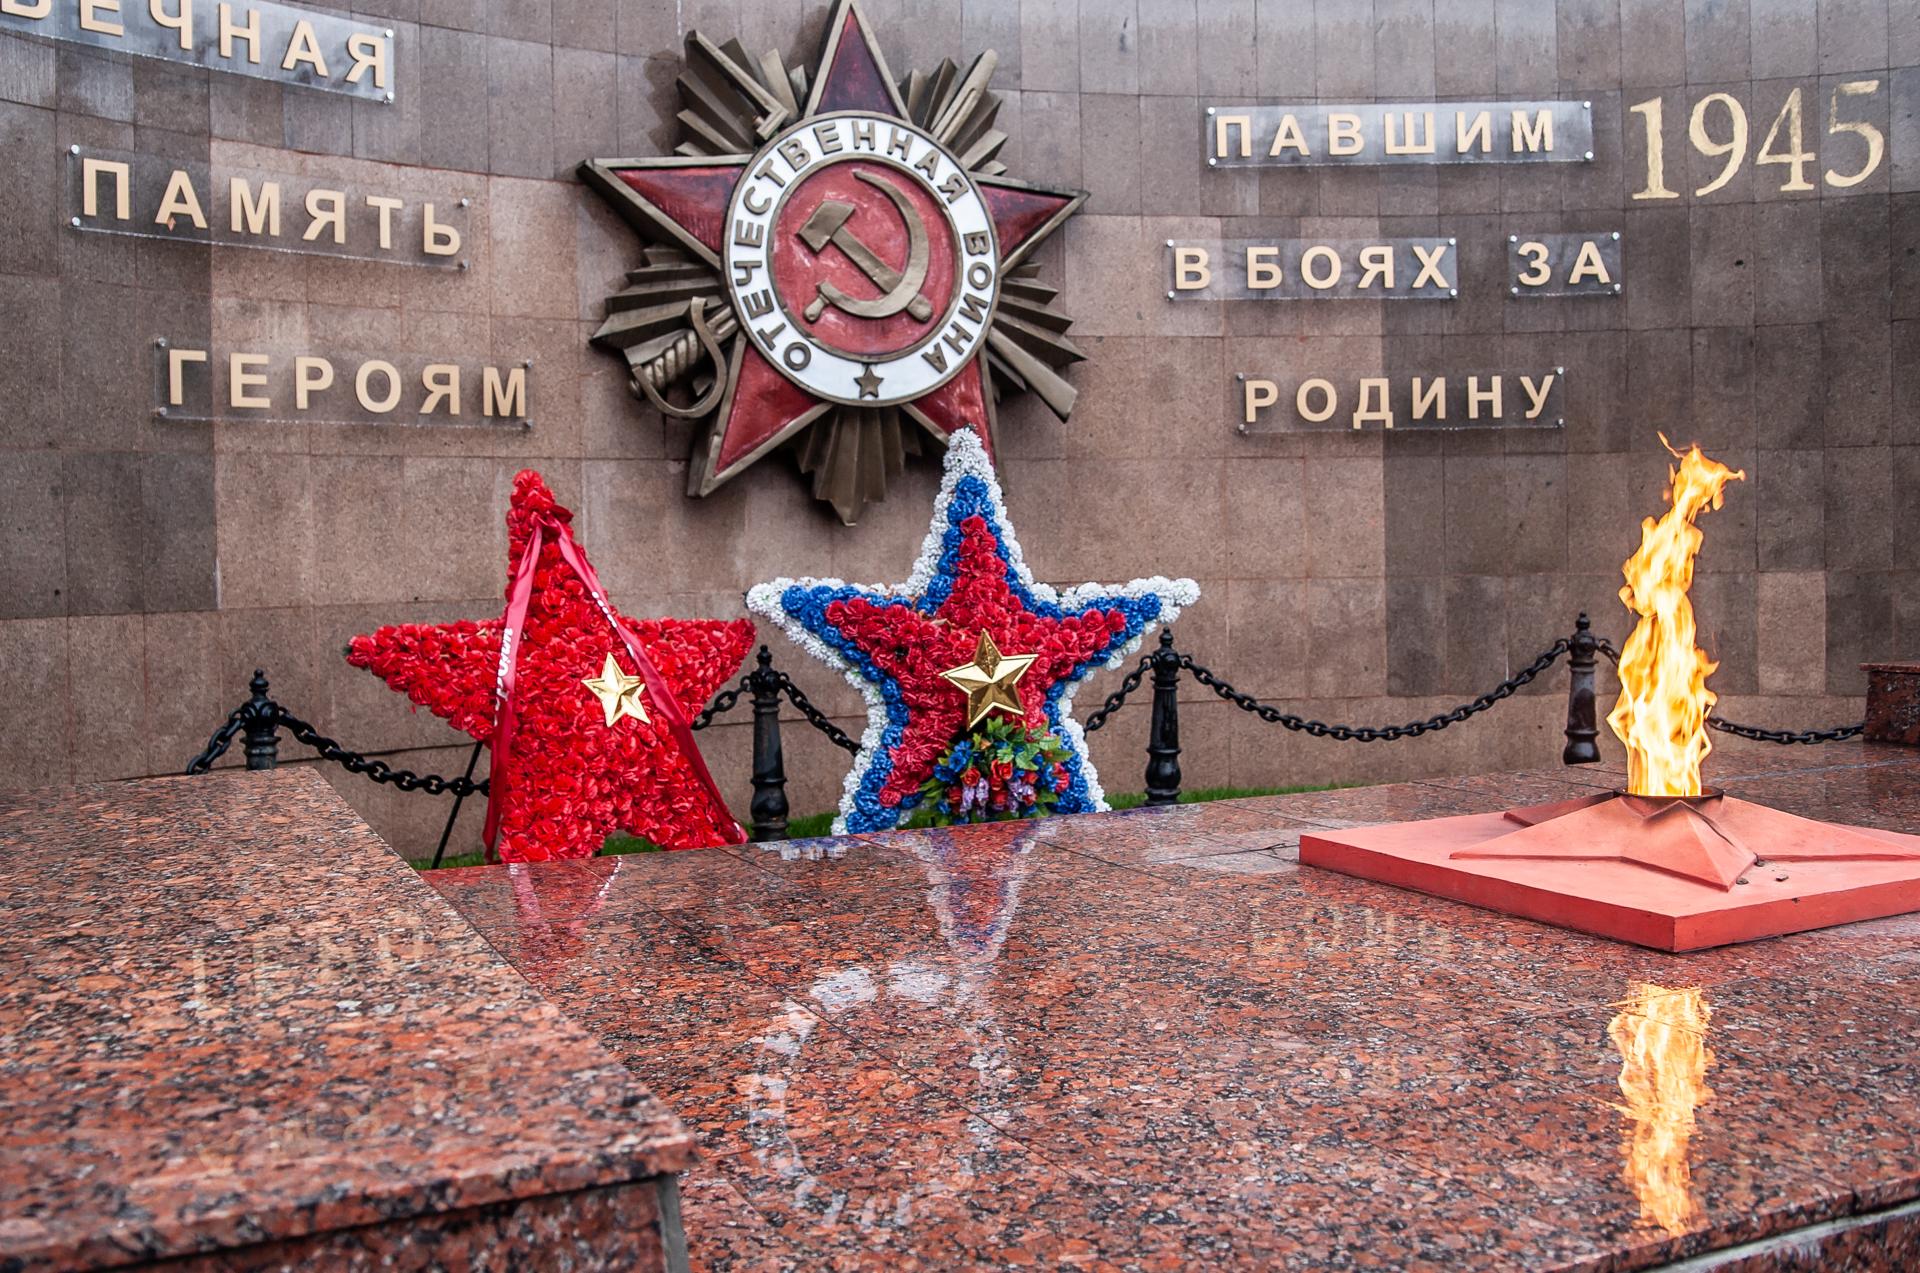 Можайск. Парк победы и мемориал ВОВ